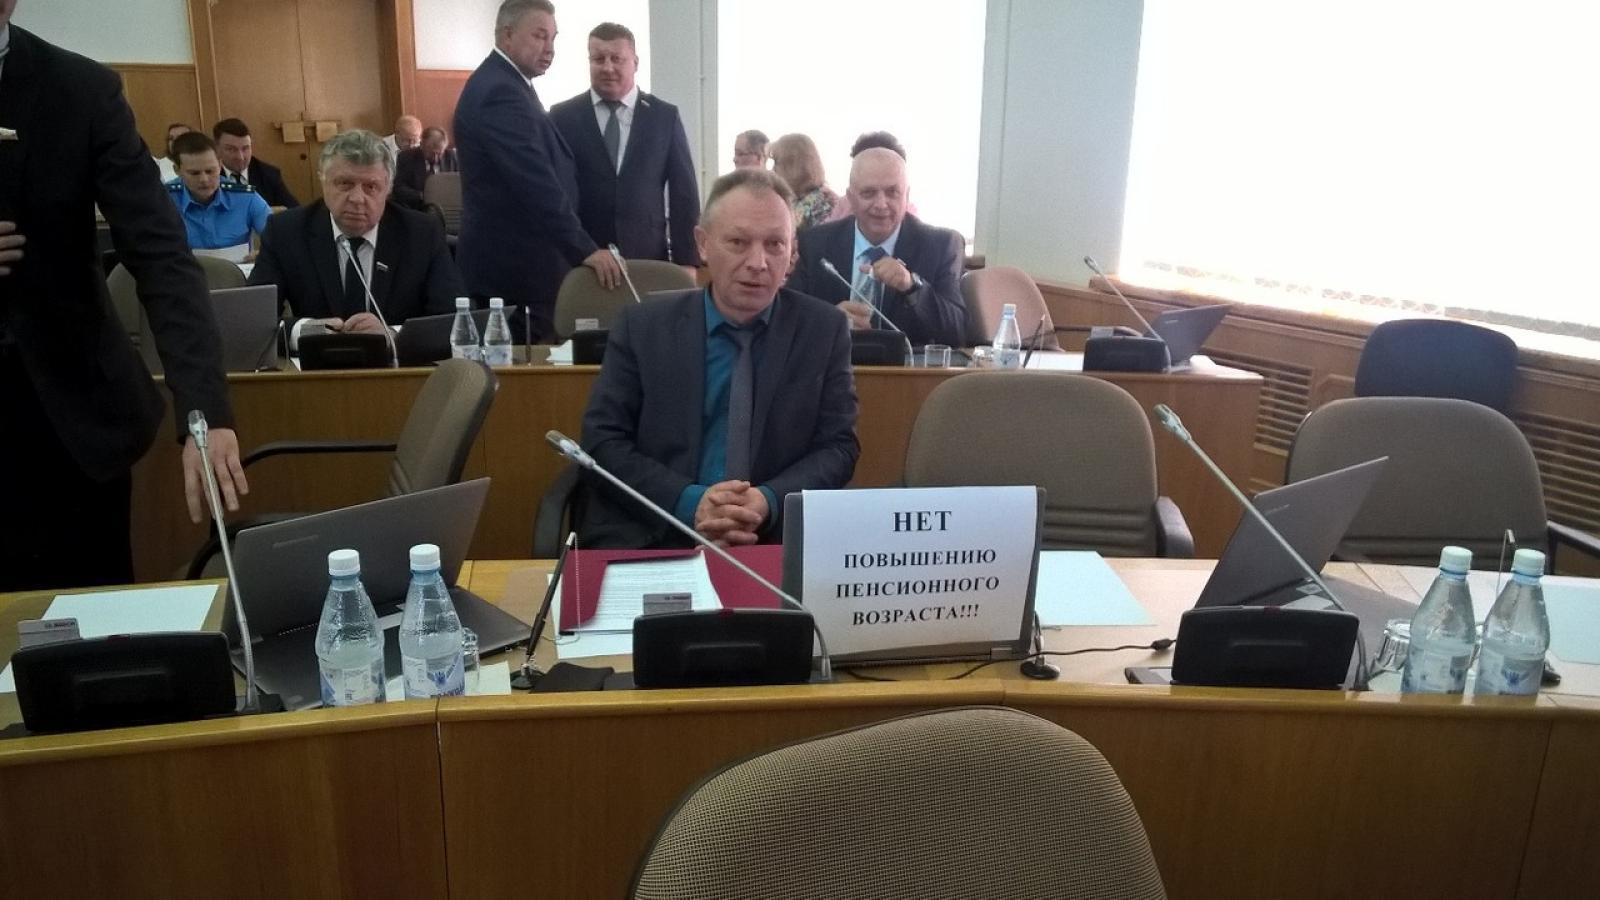 24 депутата ЗСО вологодской области поддержали повышение пенсионного возраста. 7 человек были против